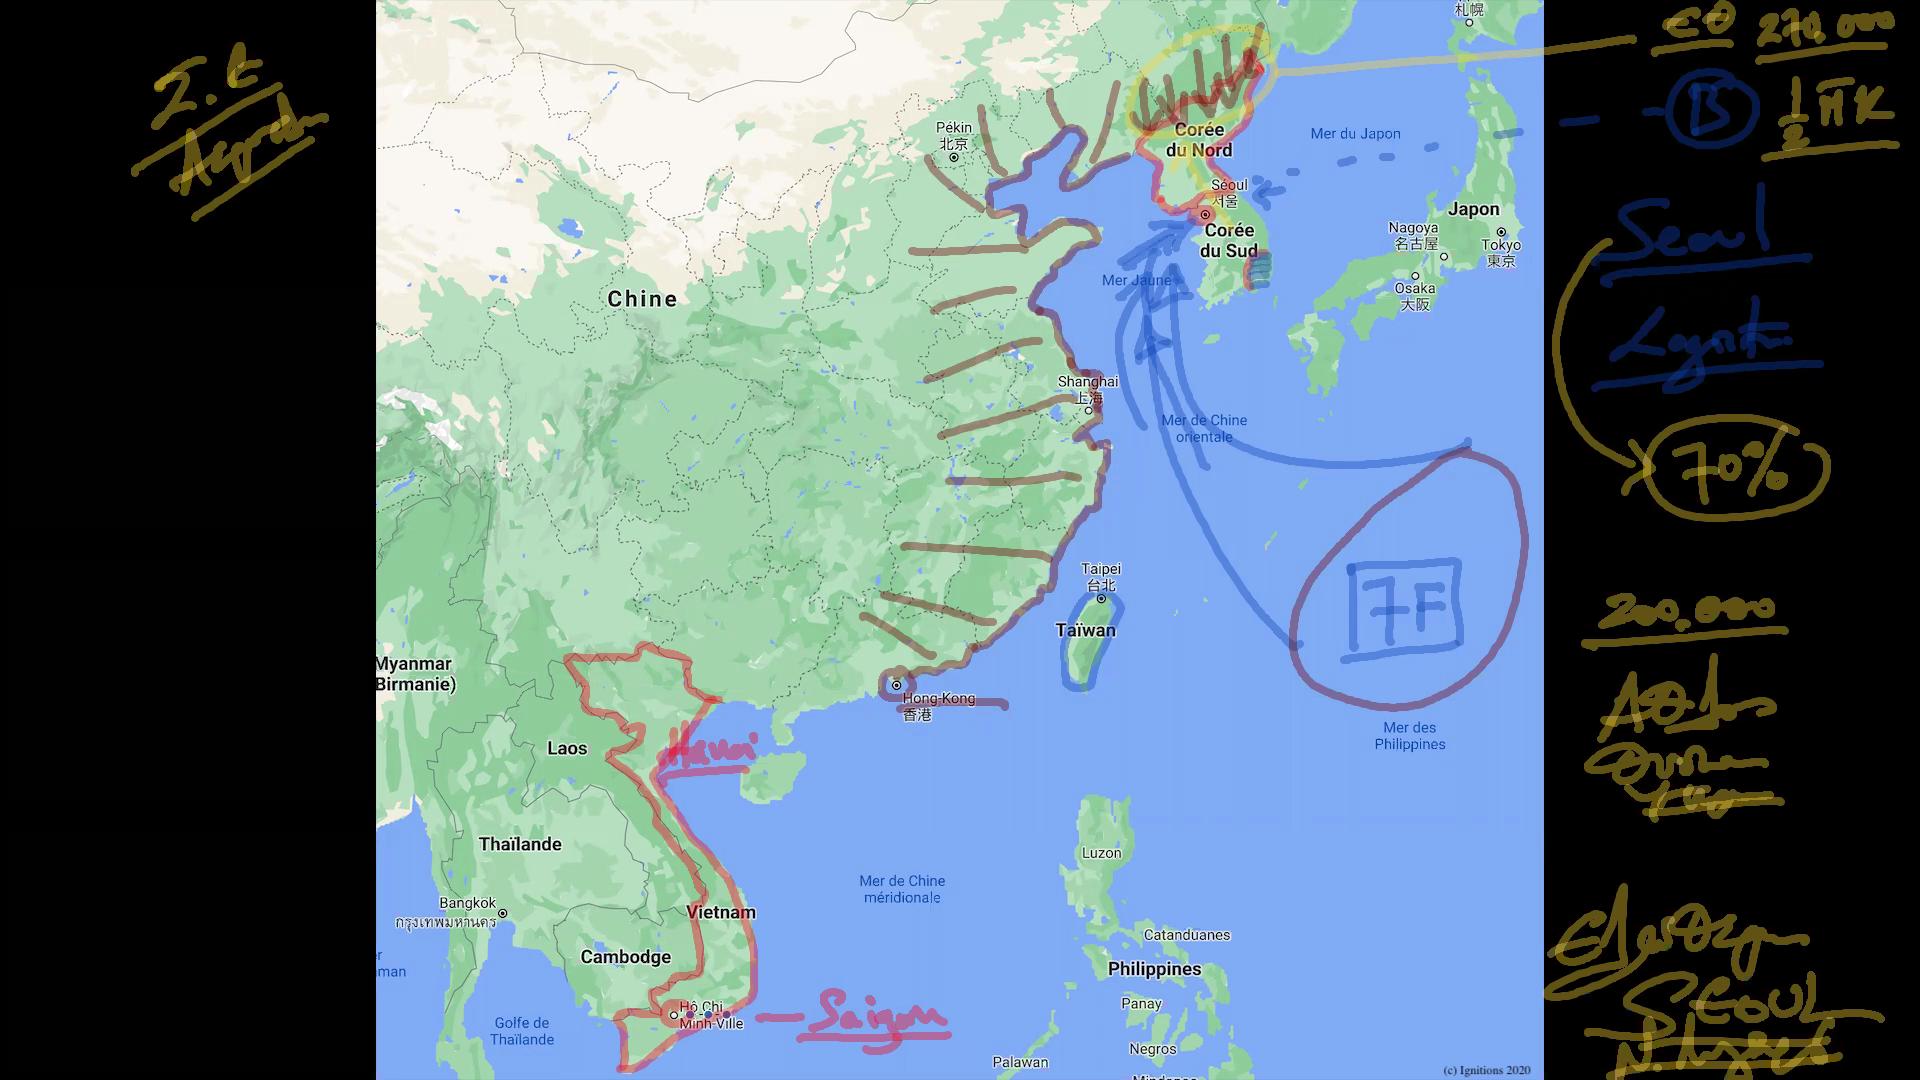 56366 - X - Ανθρωπότητας Αγώνας στη Κορέα. Αγώνας V. (Dessin)